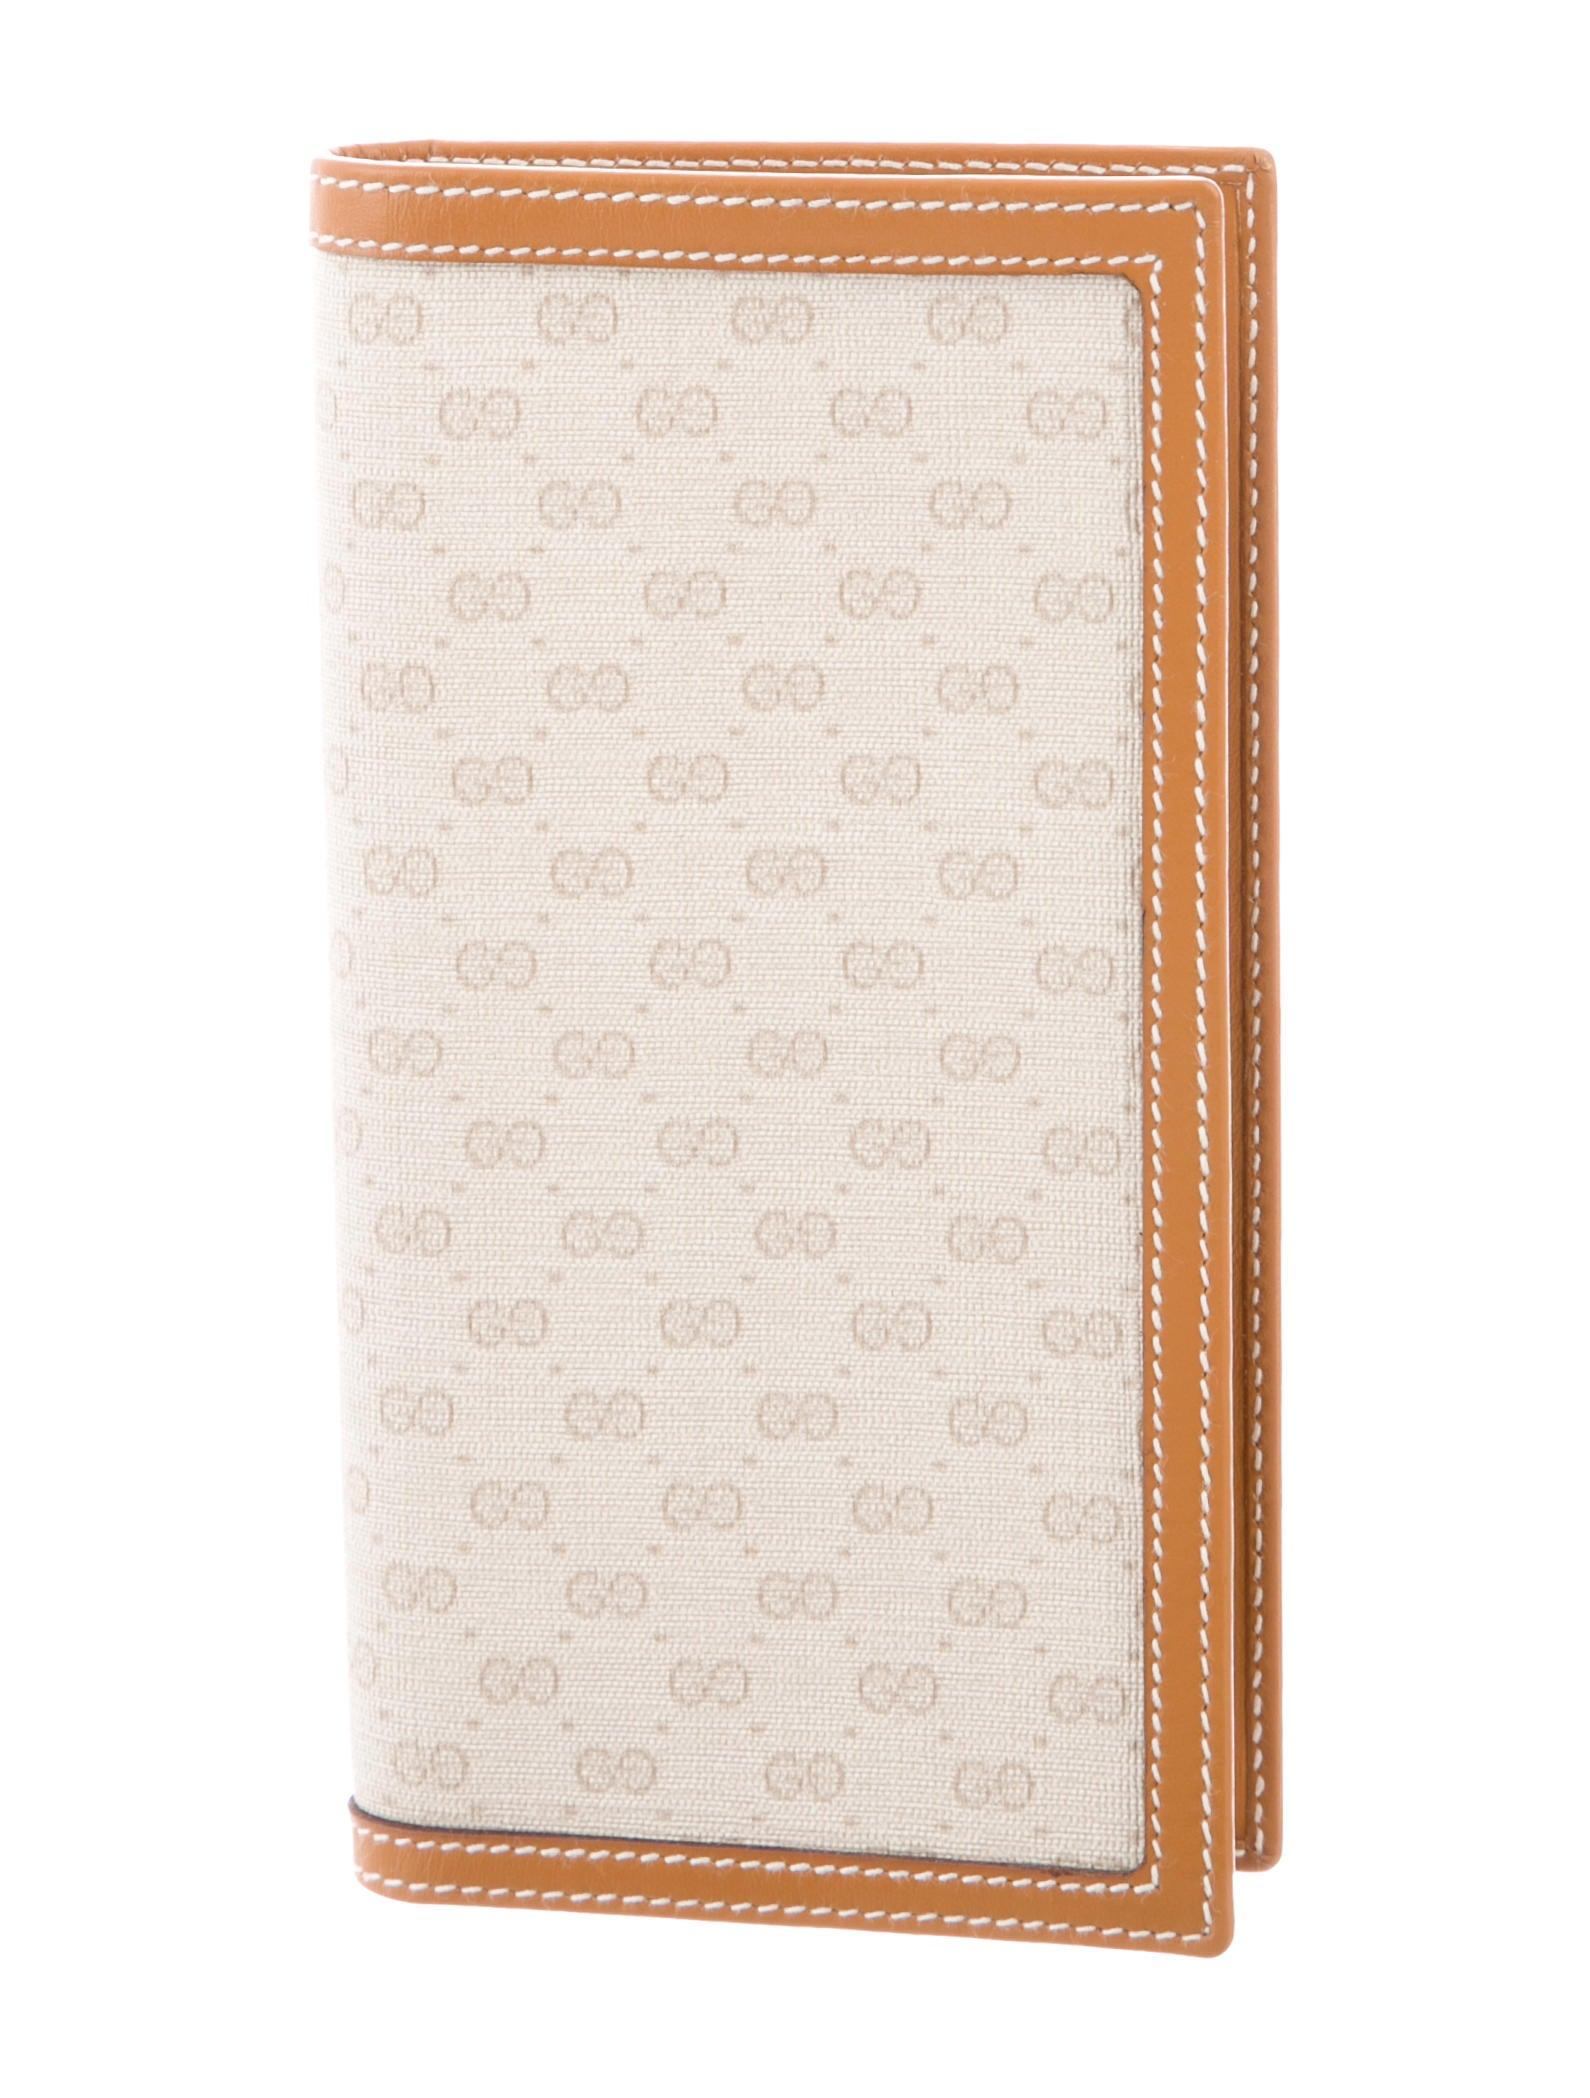 2c1cf7db5f03 Gucci Vintage GG Plus Checkbook Cover - Accessories - GUC260599 ...